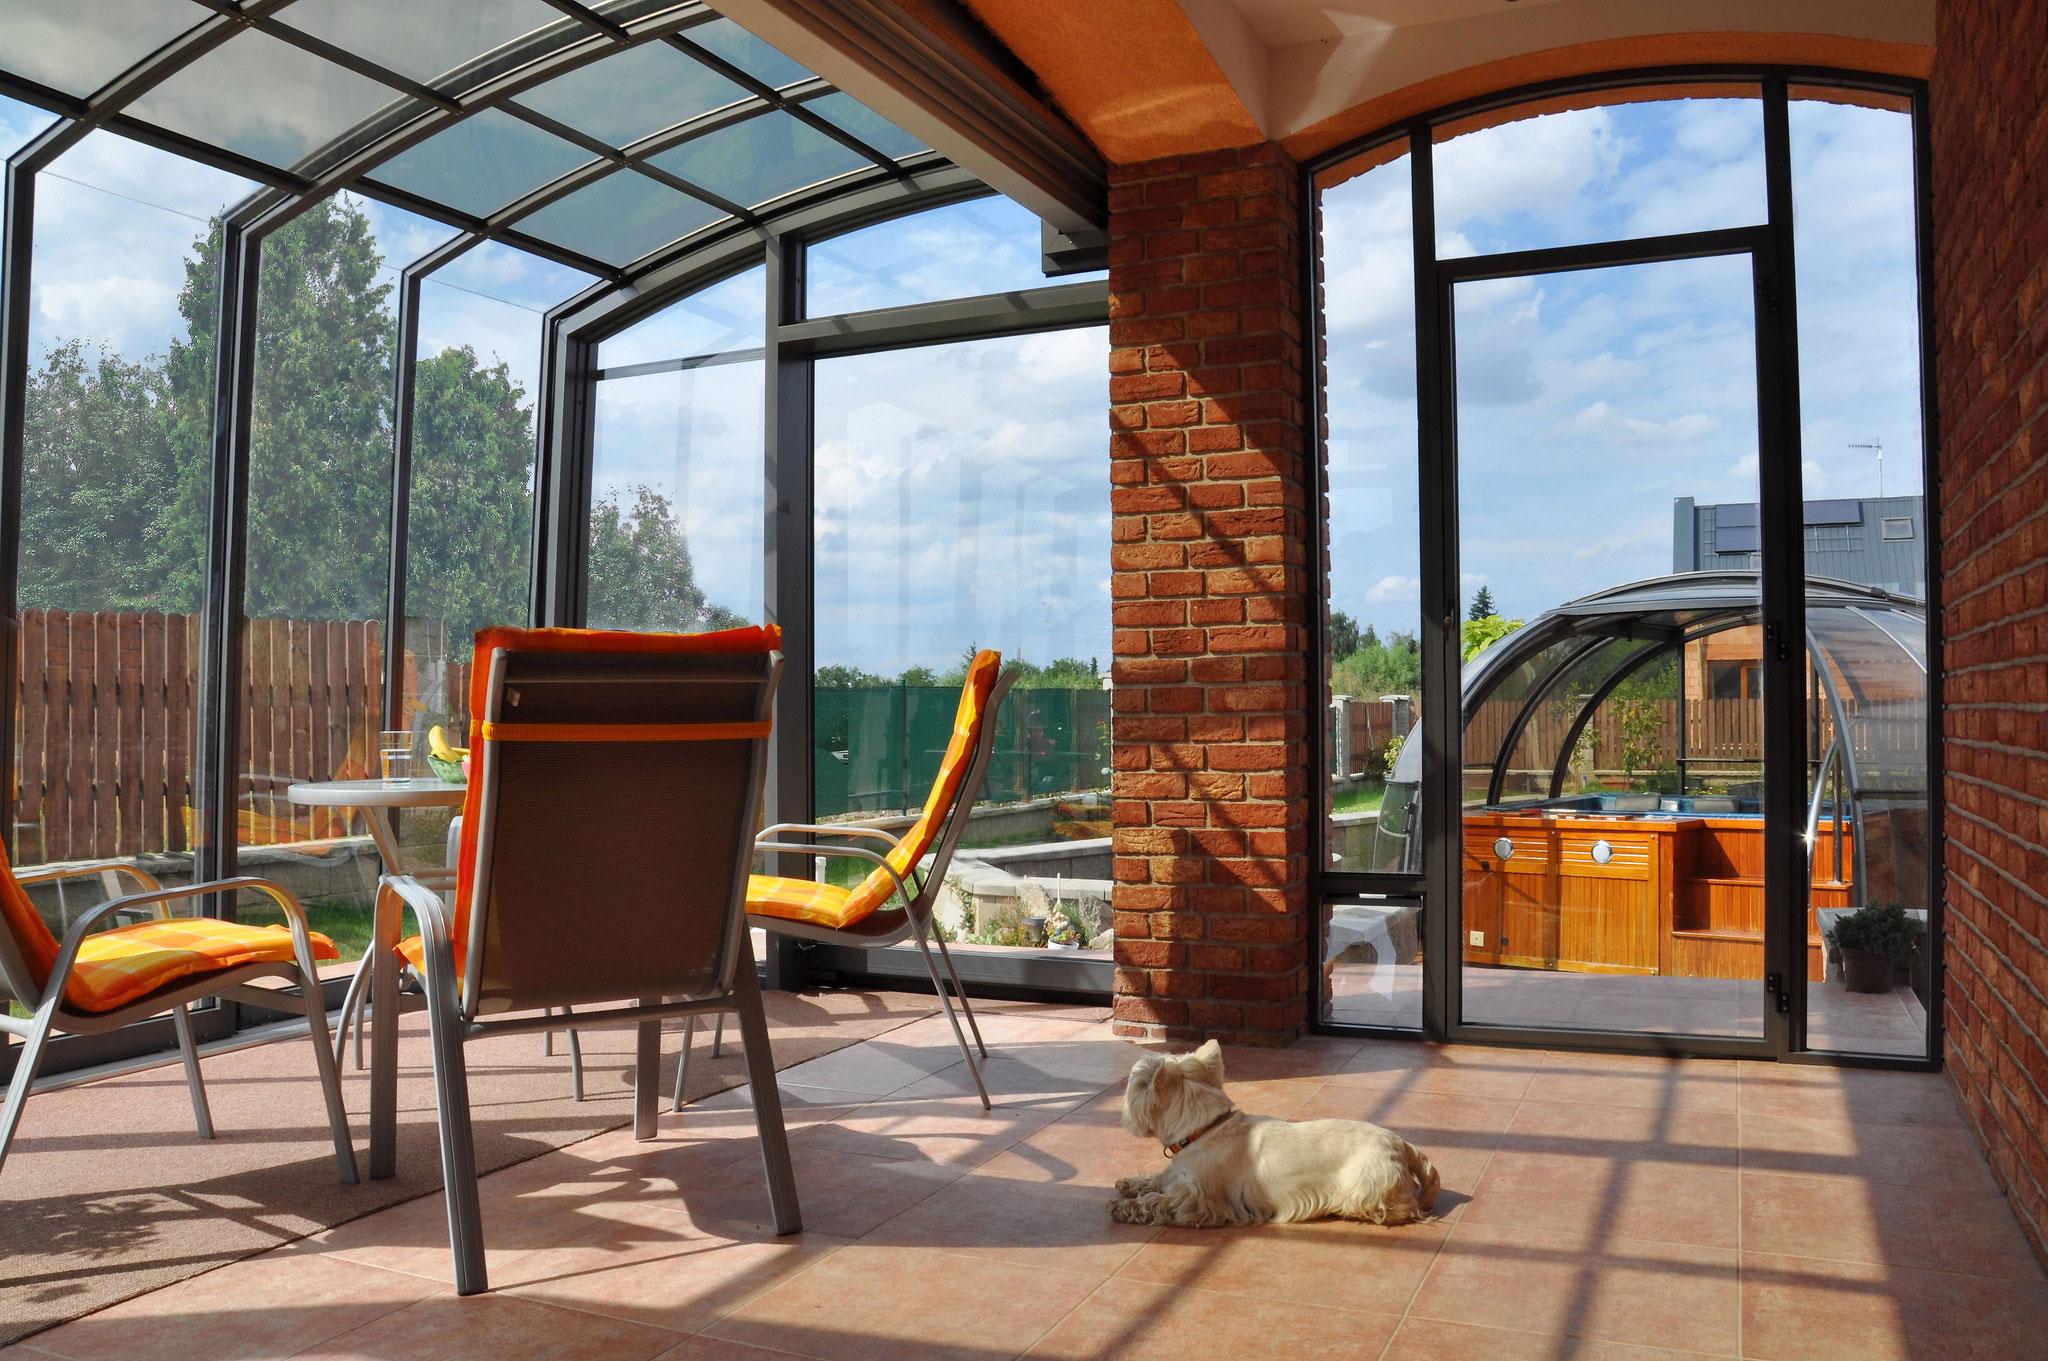 terrassenueberdachung-terrassendach-verschiebbar für Balkon und Terrasse